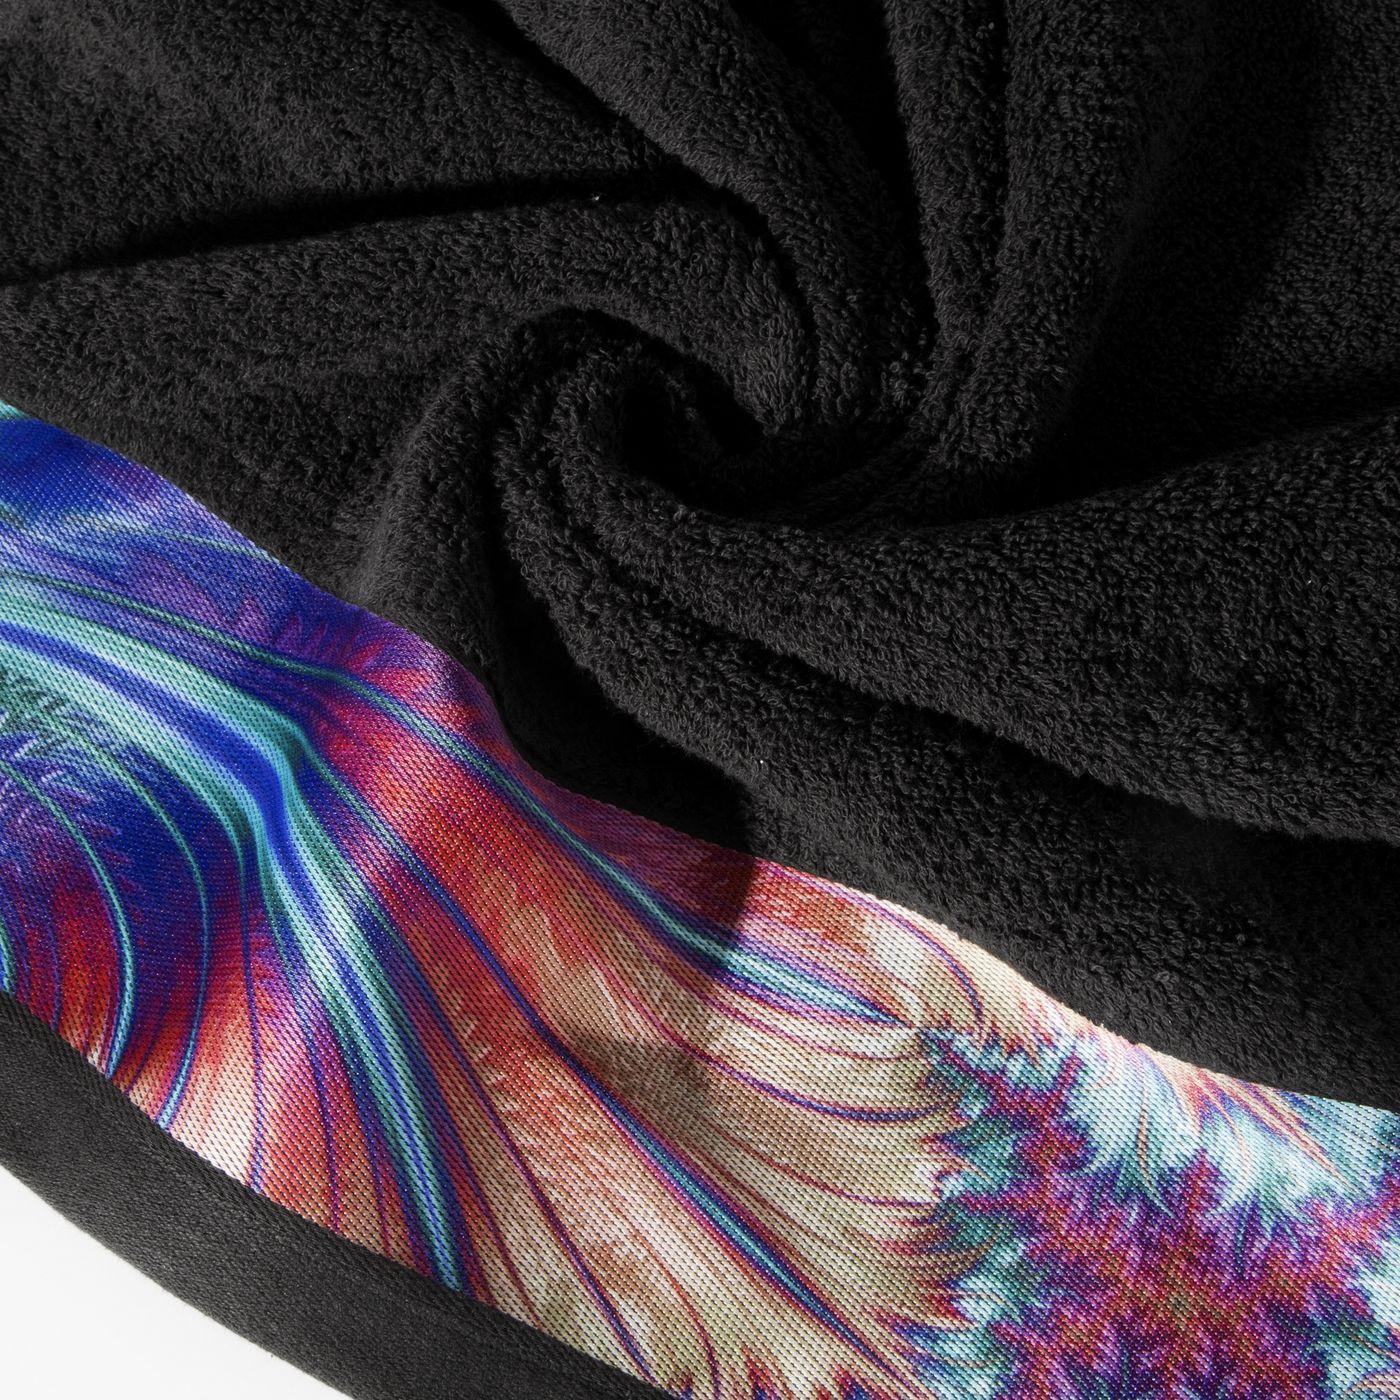 Czarny ręcznik kąpielowy - mój wybór Eva Minge - 50x90 cm